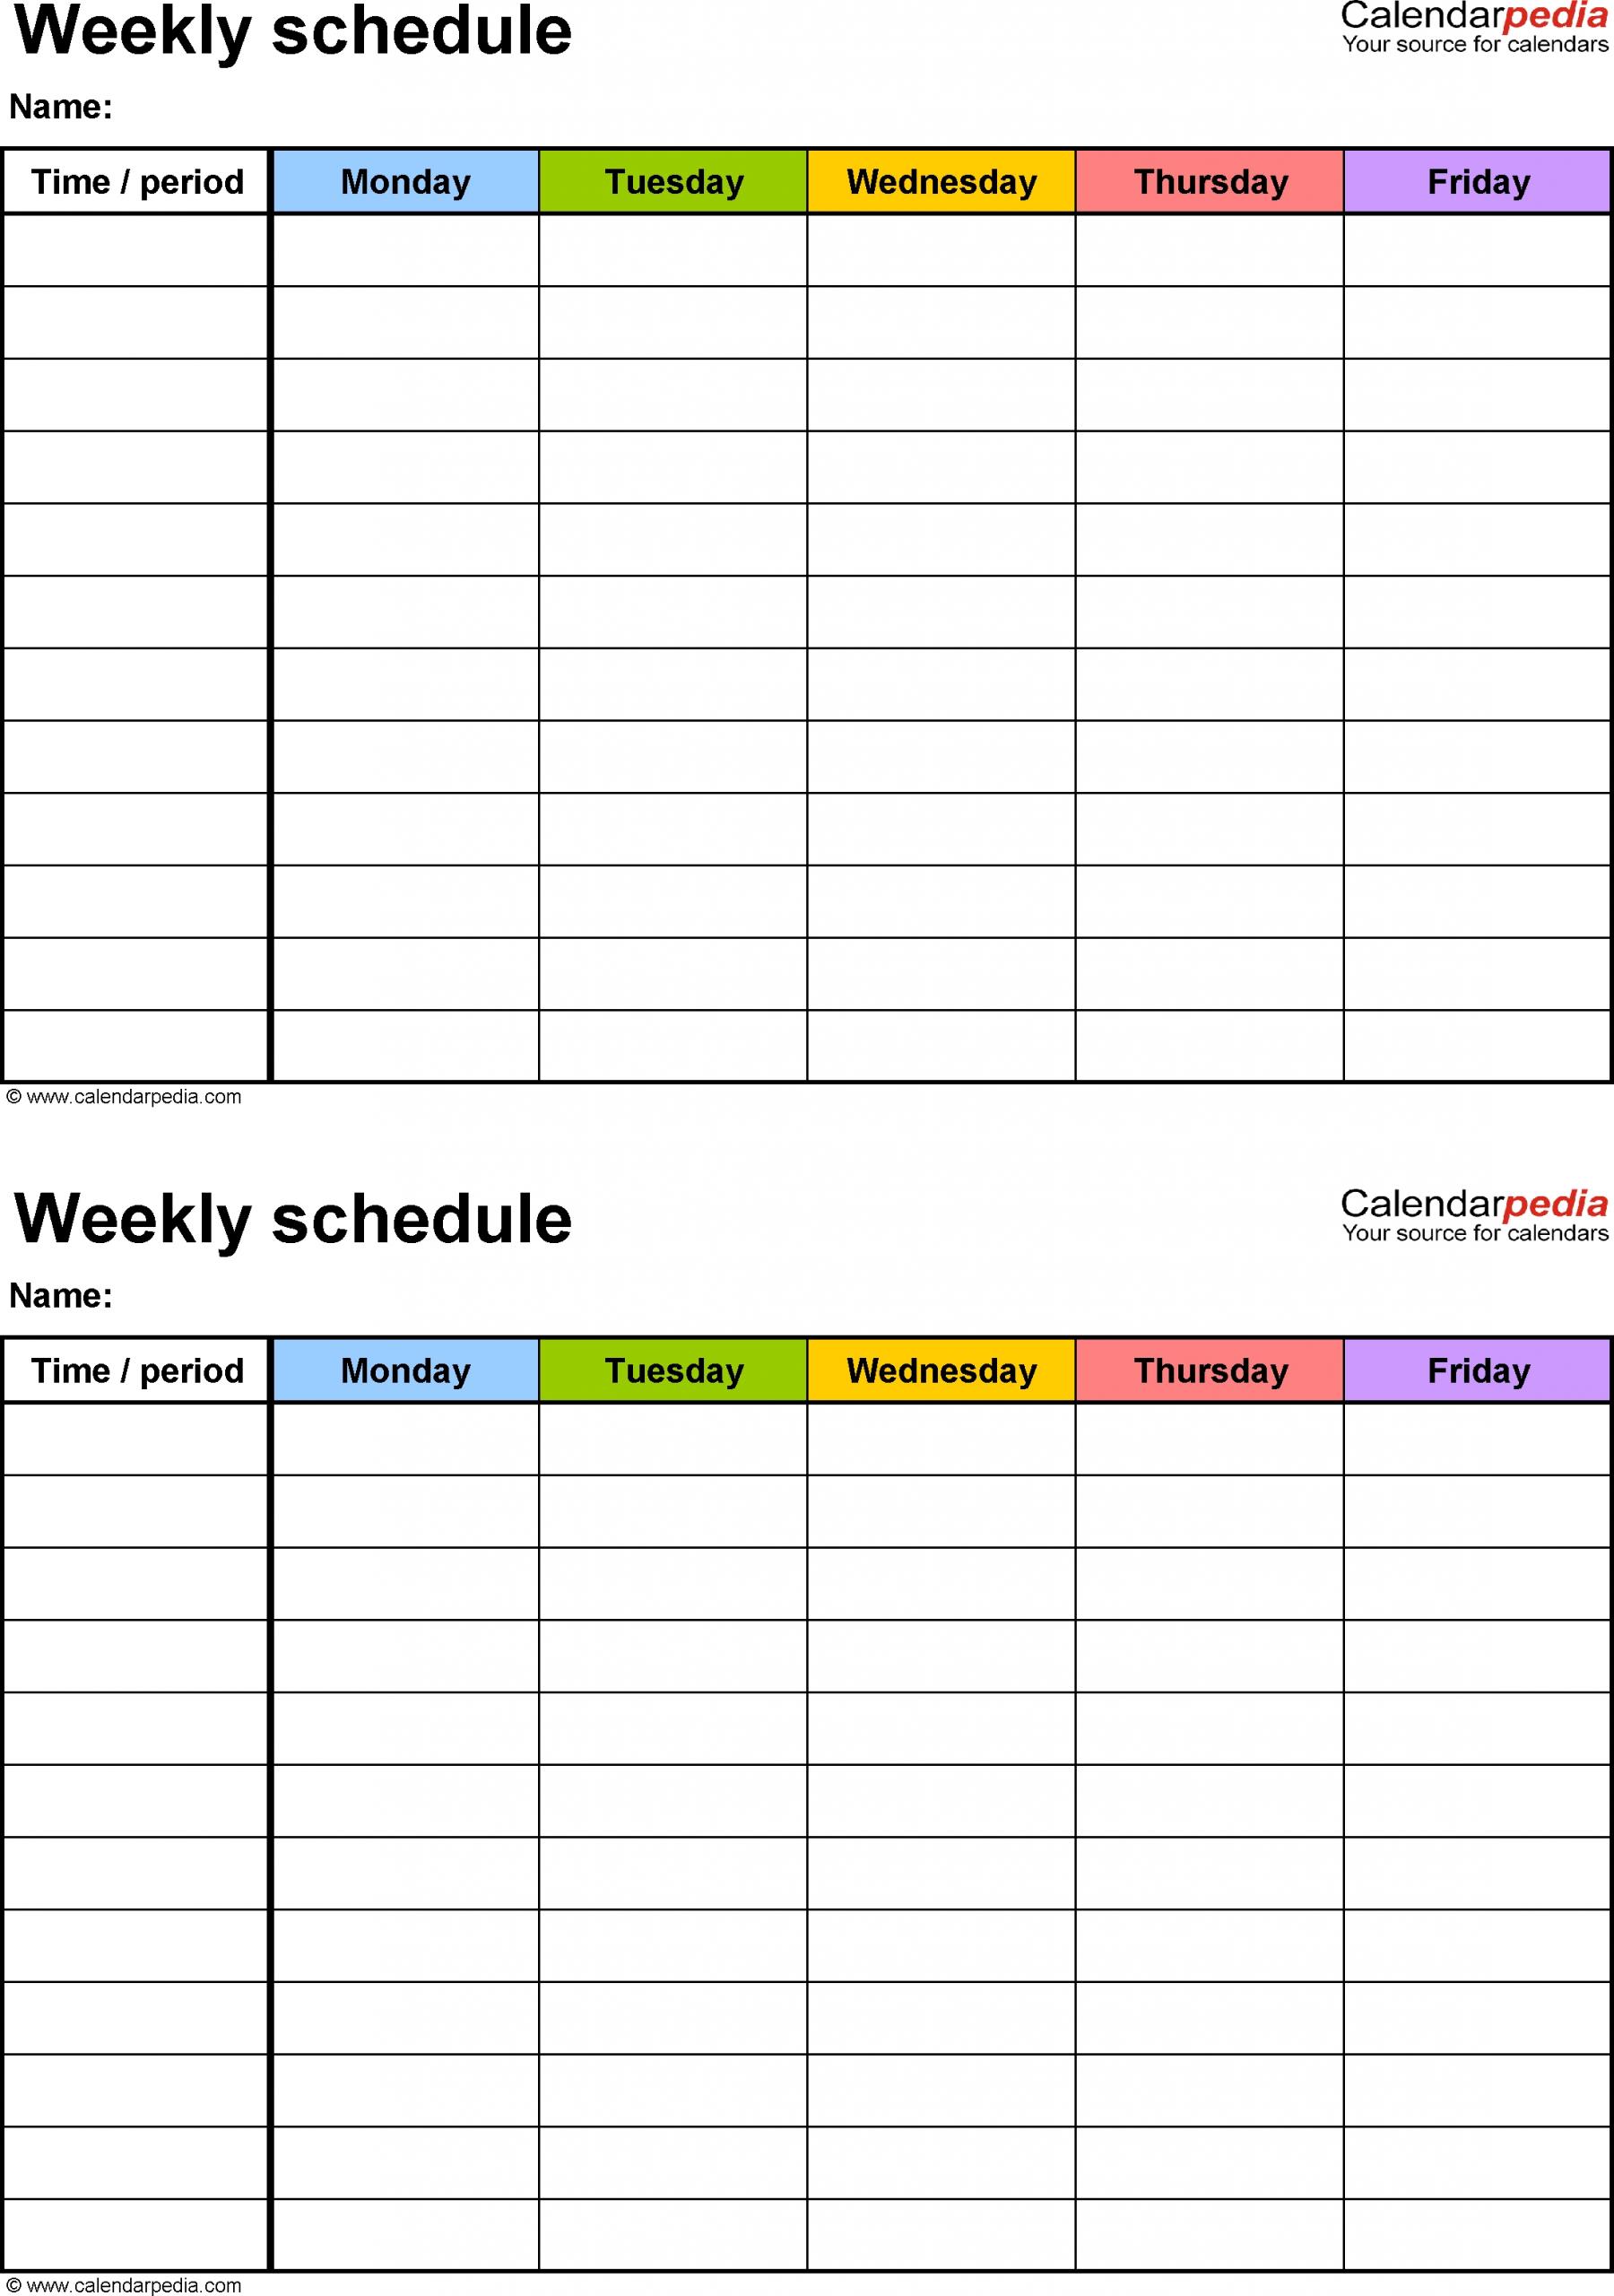 Two Week Schedule Template | Calendar Template Printable Create 2 Week Schedule